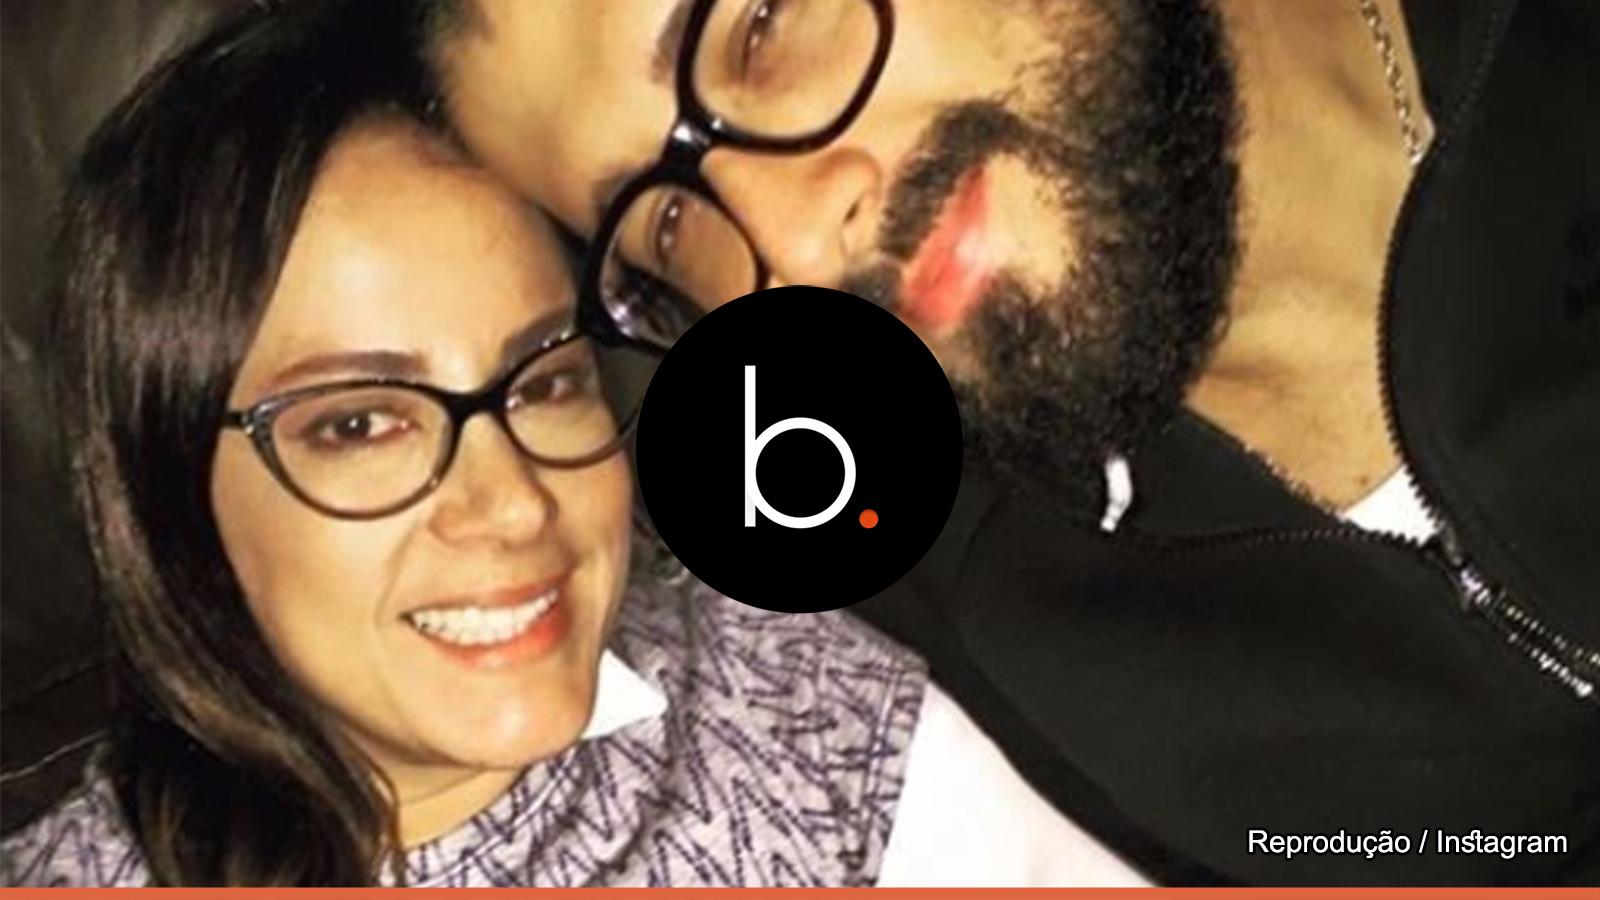 Assista: Marido de Silvia Abravanel pode ser preso e ela revela segredo